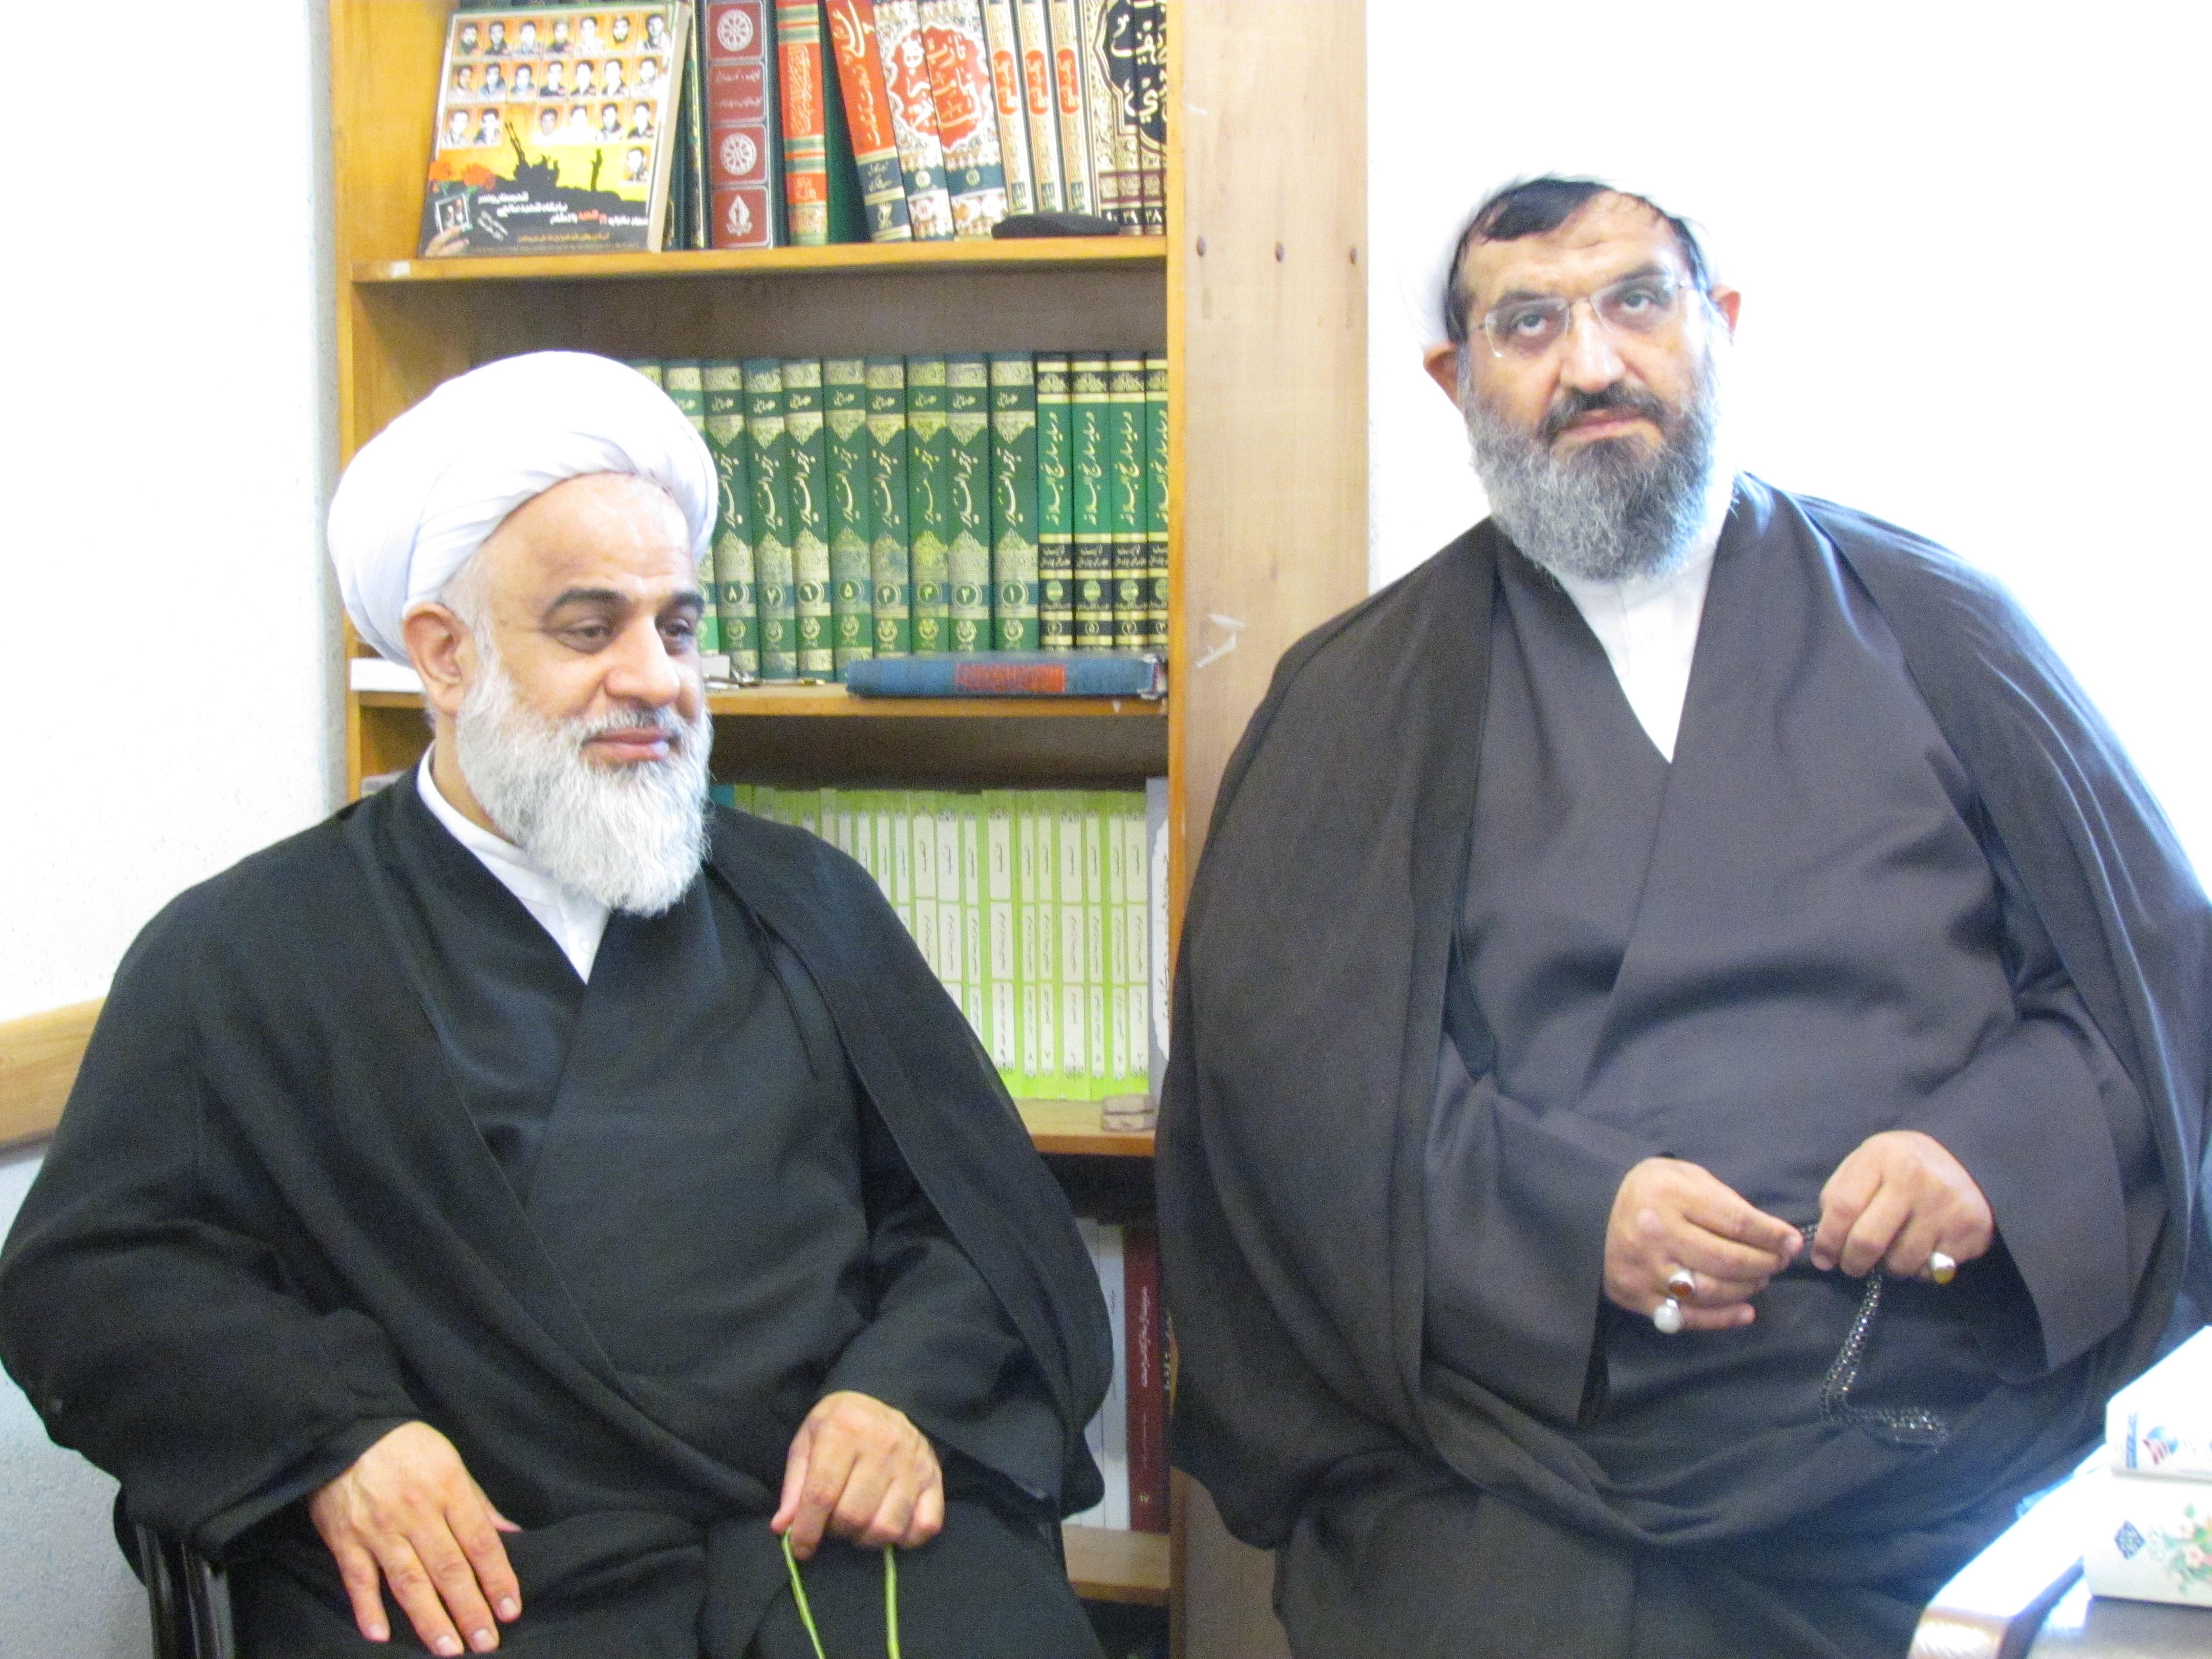 عملکرد آموزشی مدرسه امام صادق(ع) رودسر  ارزیابی شد